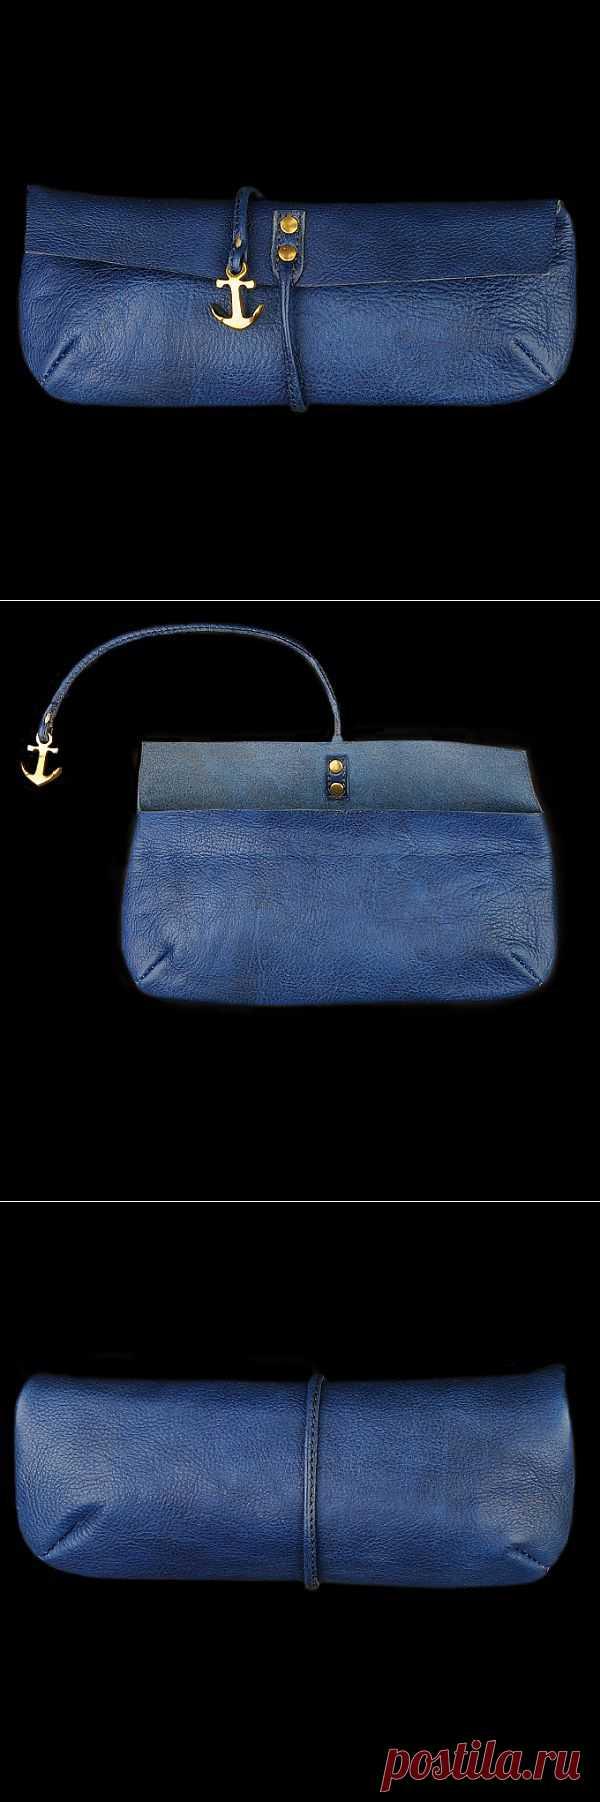 Интересный клатч / Сумки, клатчи, чемоданы / Модный сайт о стильной переделке одежды и интерьера